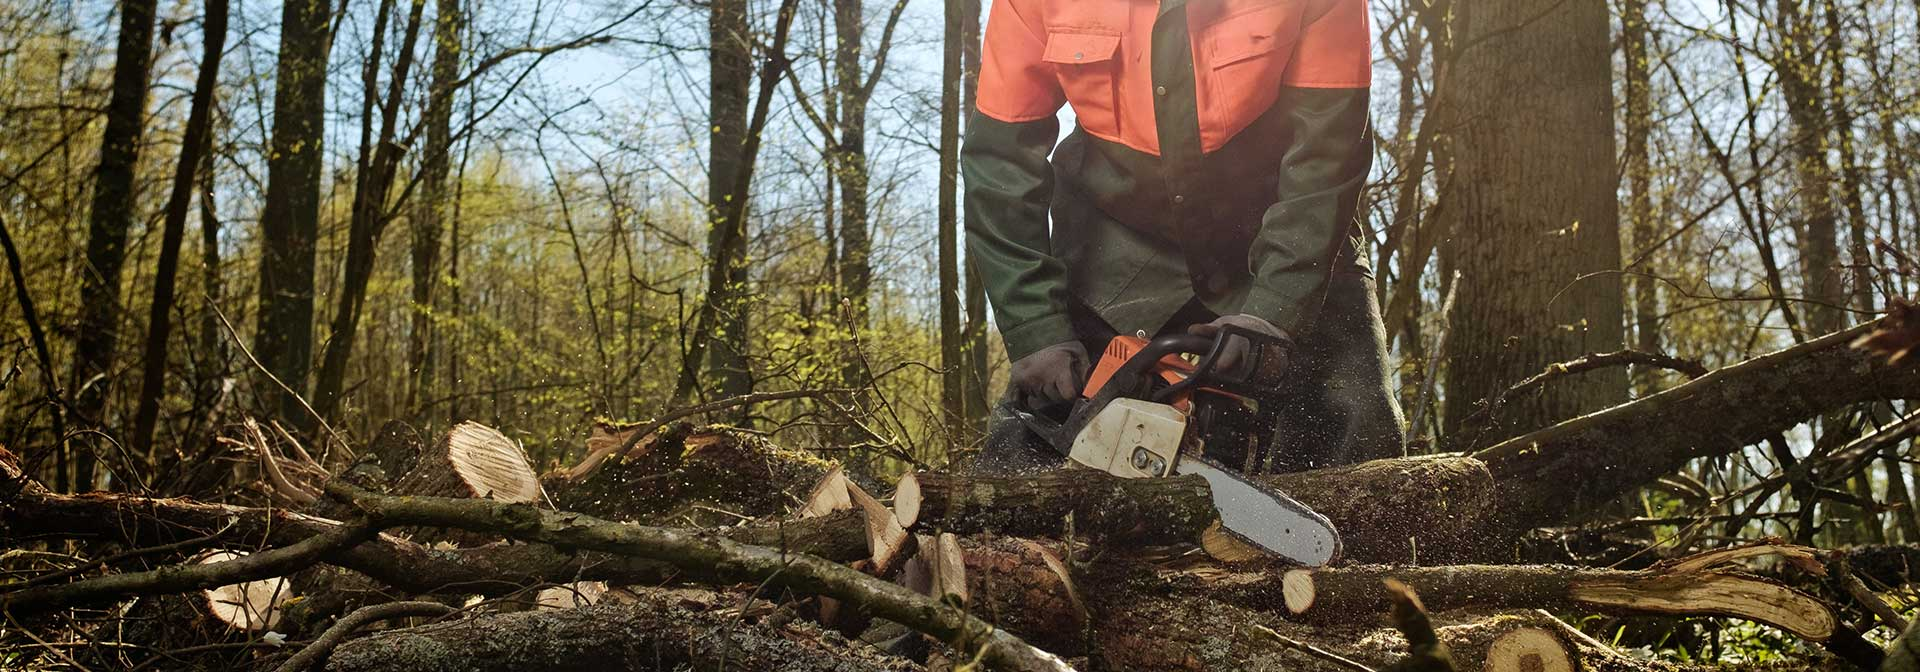 Forstunternehmen-strack-erftstadt